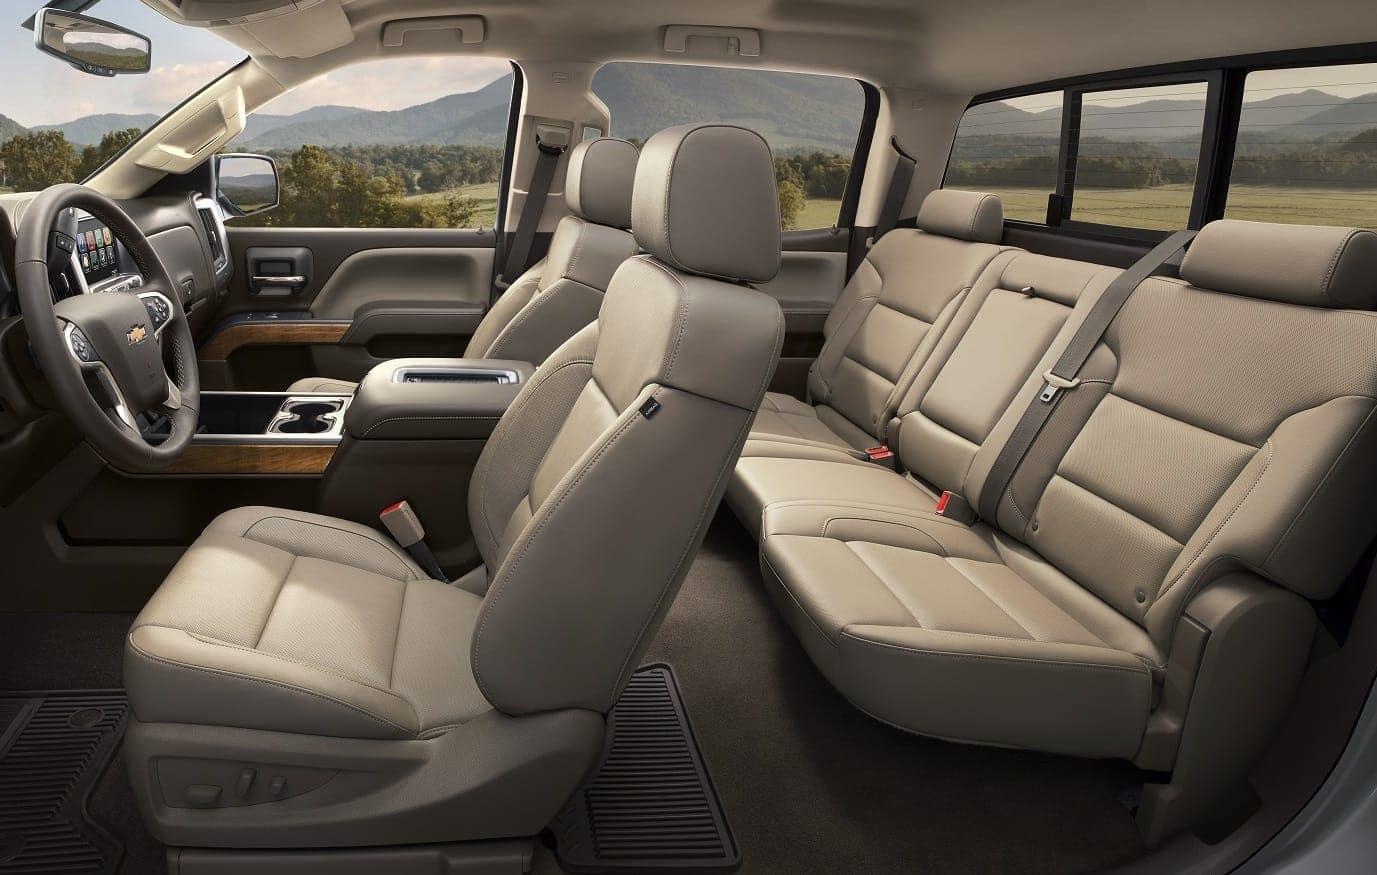 Chevy Silverado Interior | Franklin Chevy